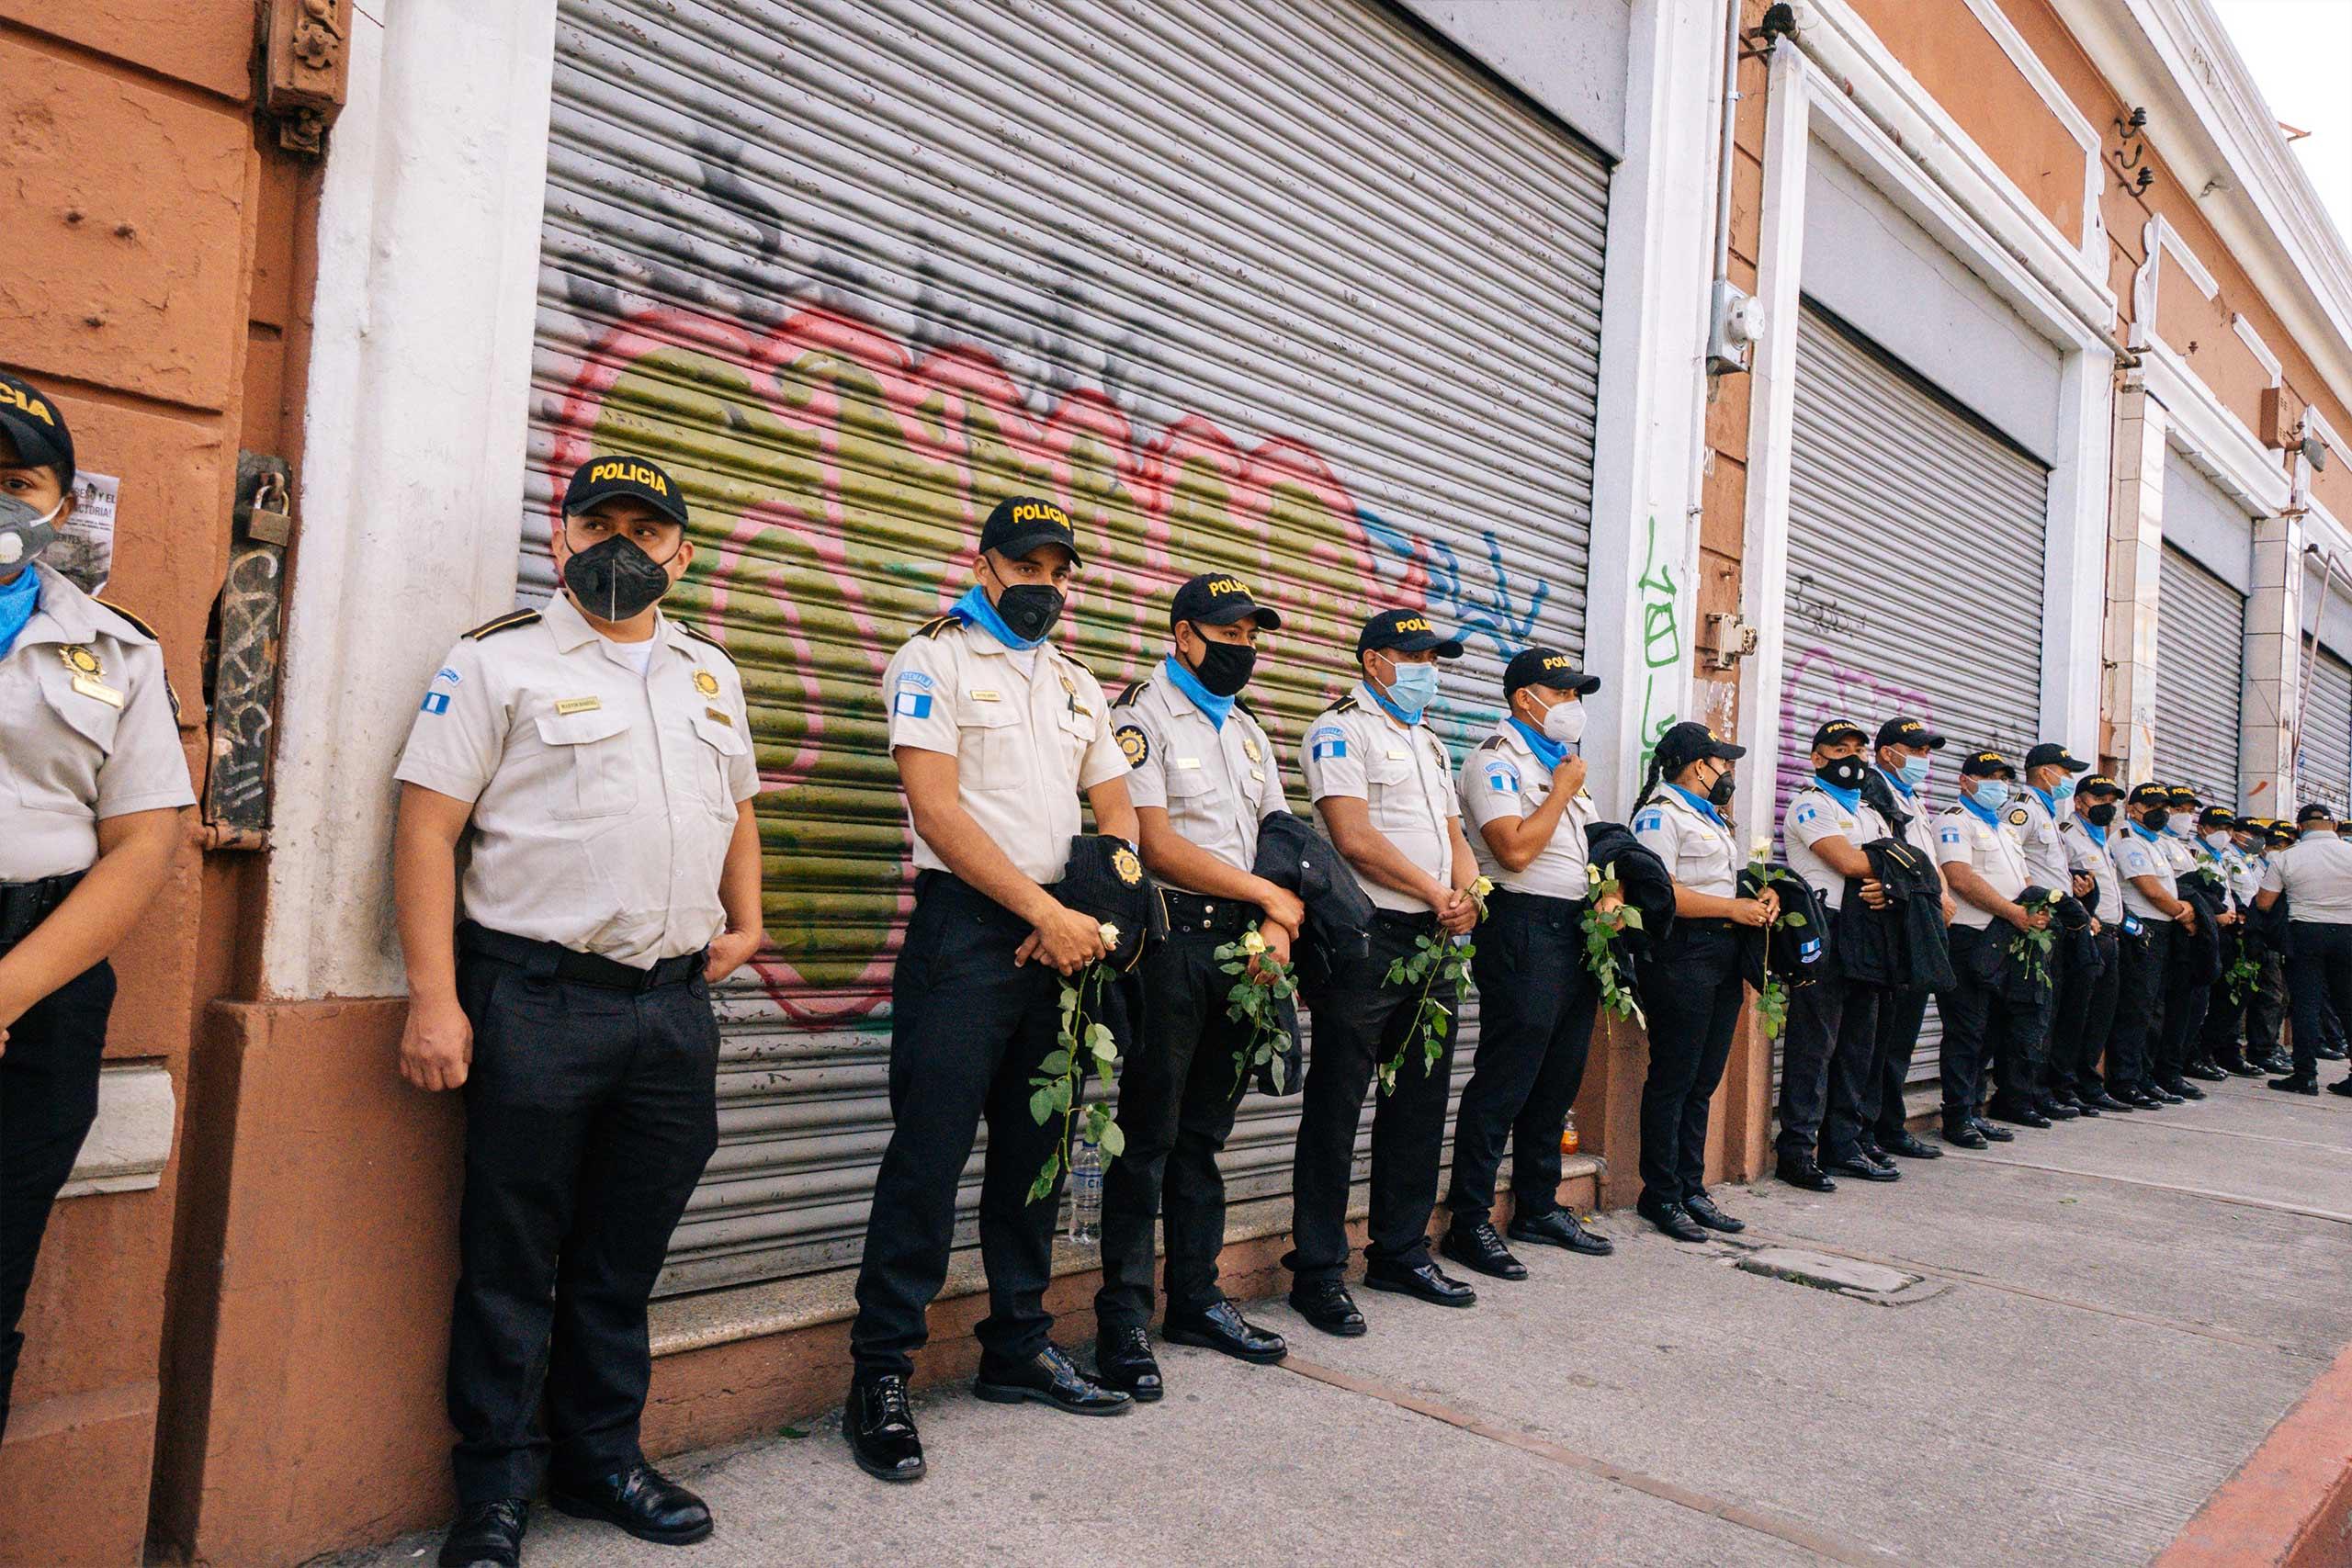 Polizsten mit Corona Masken, in Reihe vor Gebäude